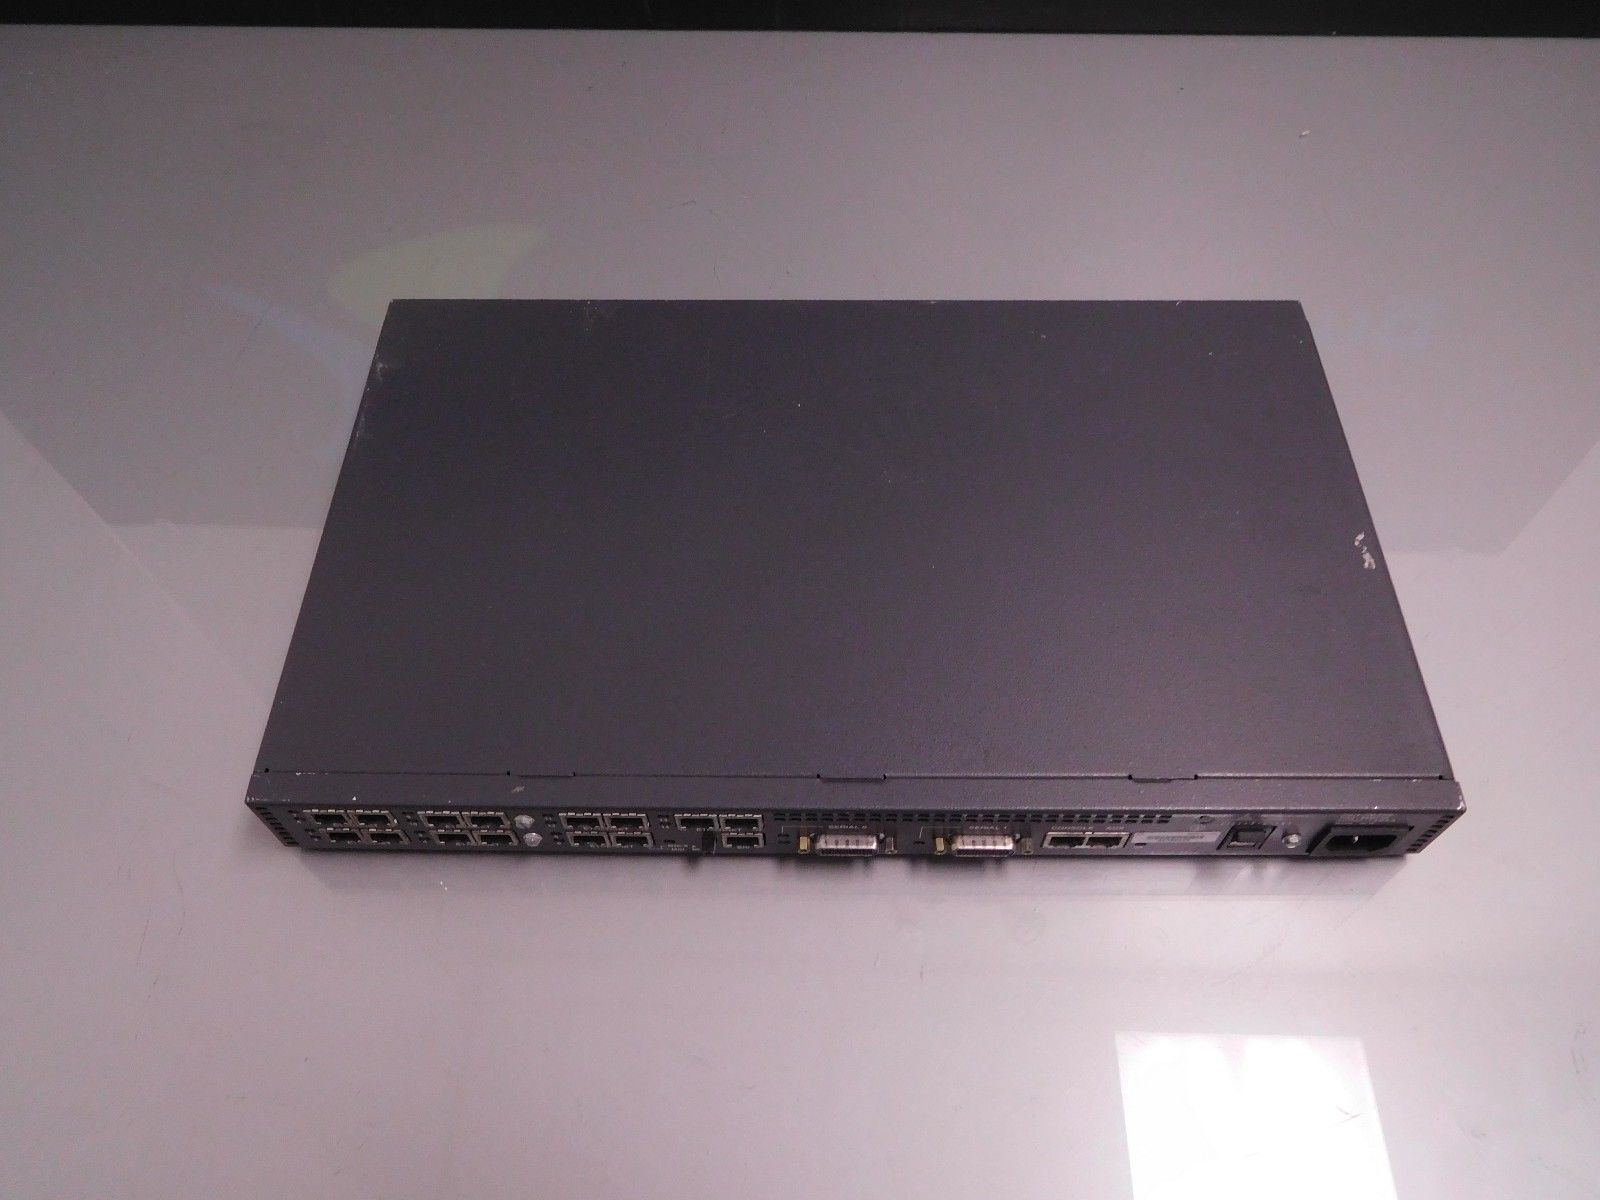 MEM-512M-AS535= 512MB DRAM CISCO AS5350 ROUTER MEMORY